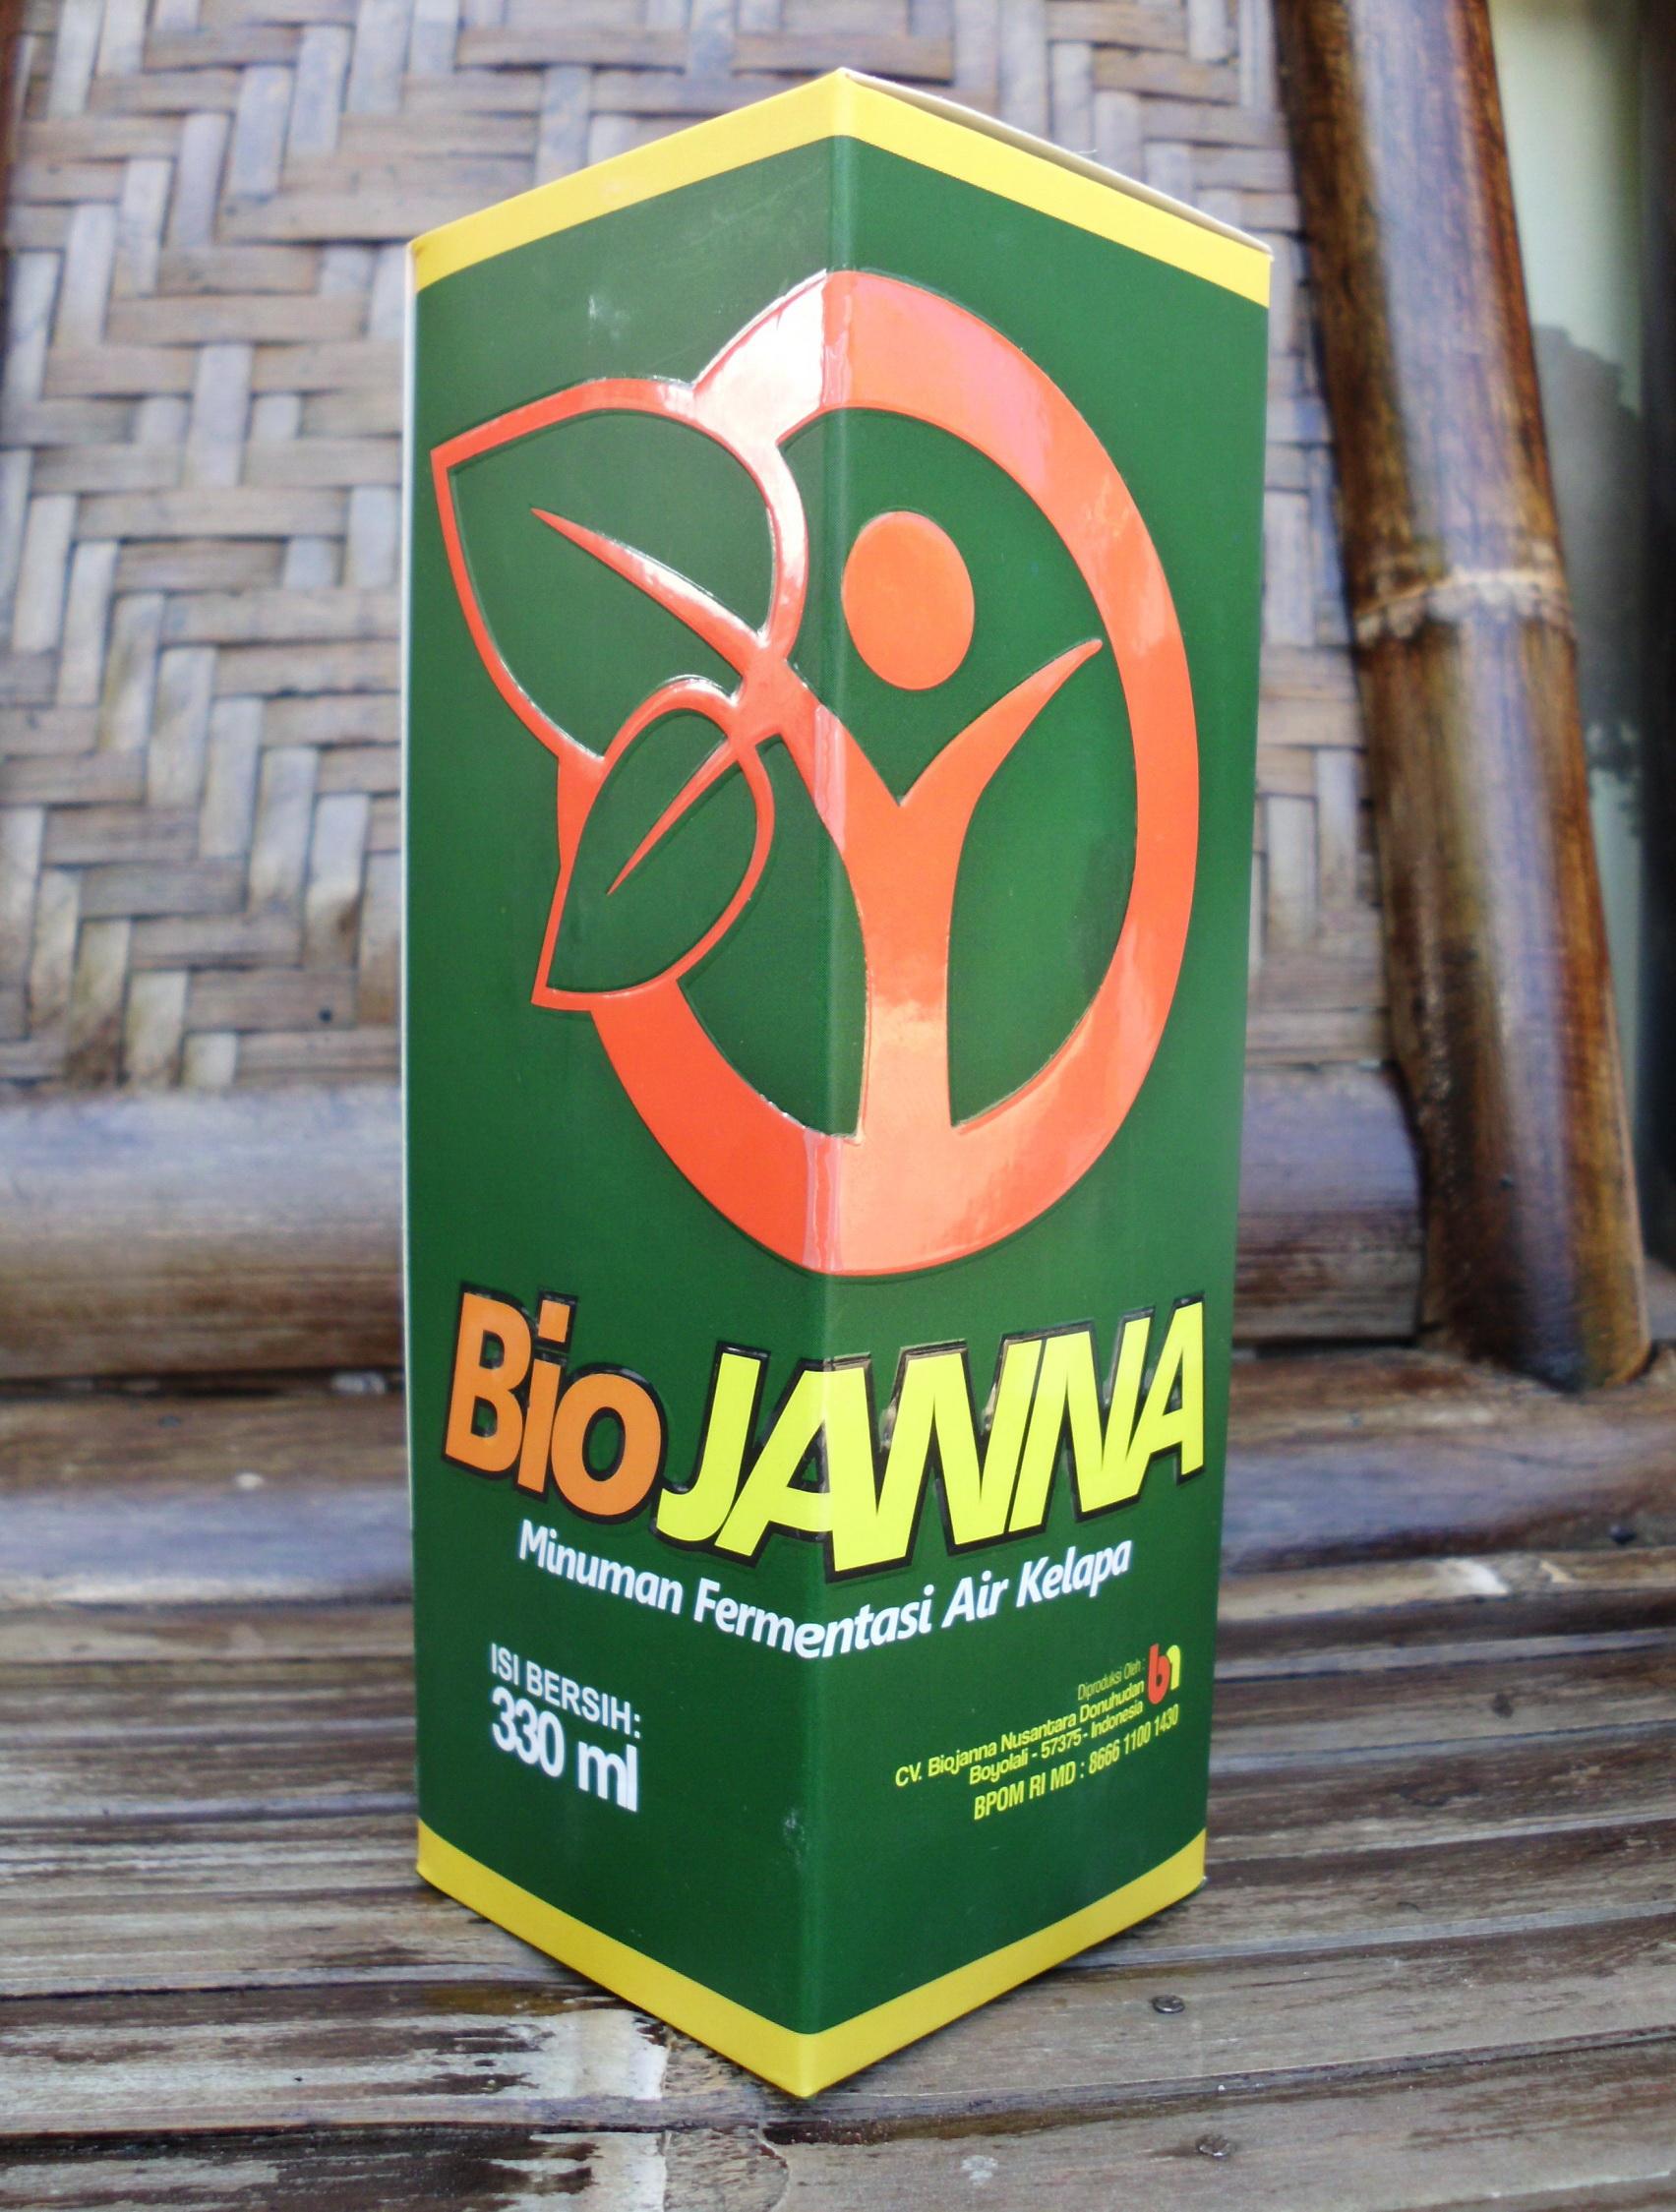 biojanna